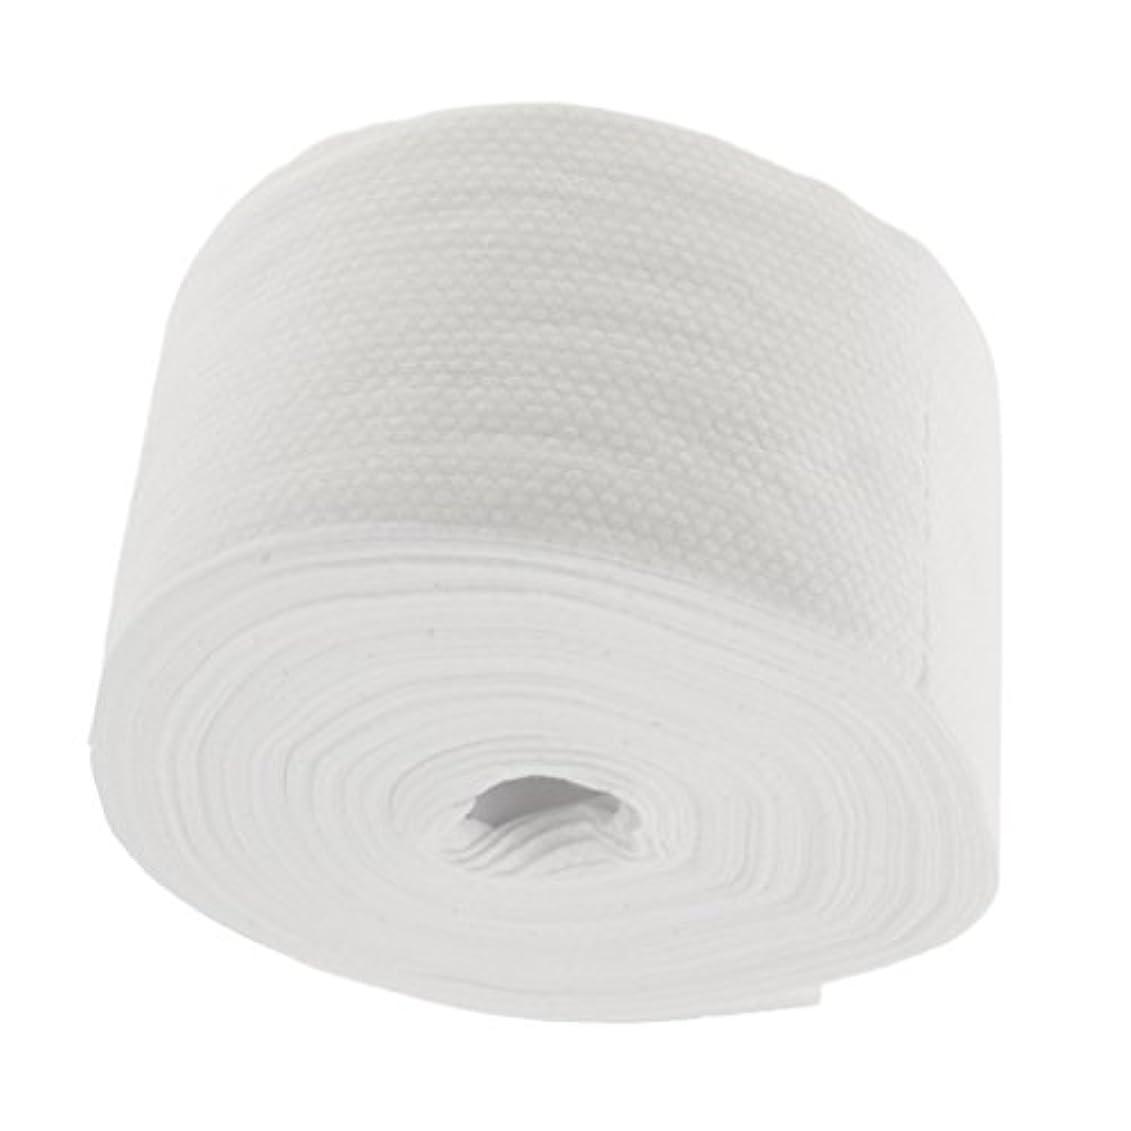 Fenteer 使い捨てタオル ロール式 洗顔タオル 30M コットン メイクリムーバー 2タイプ選べる - #2